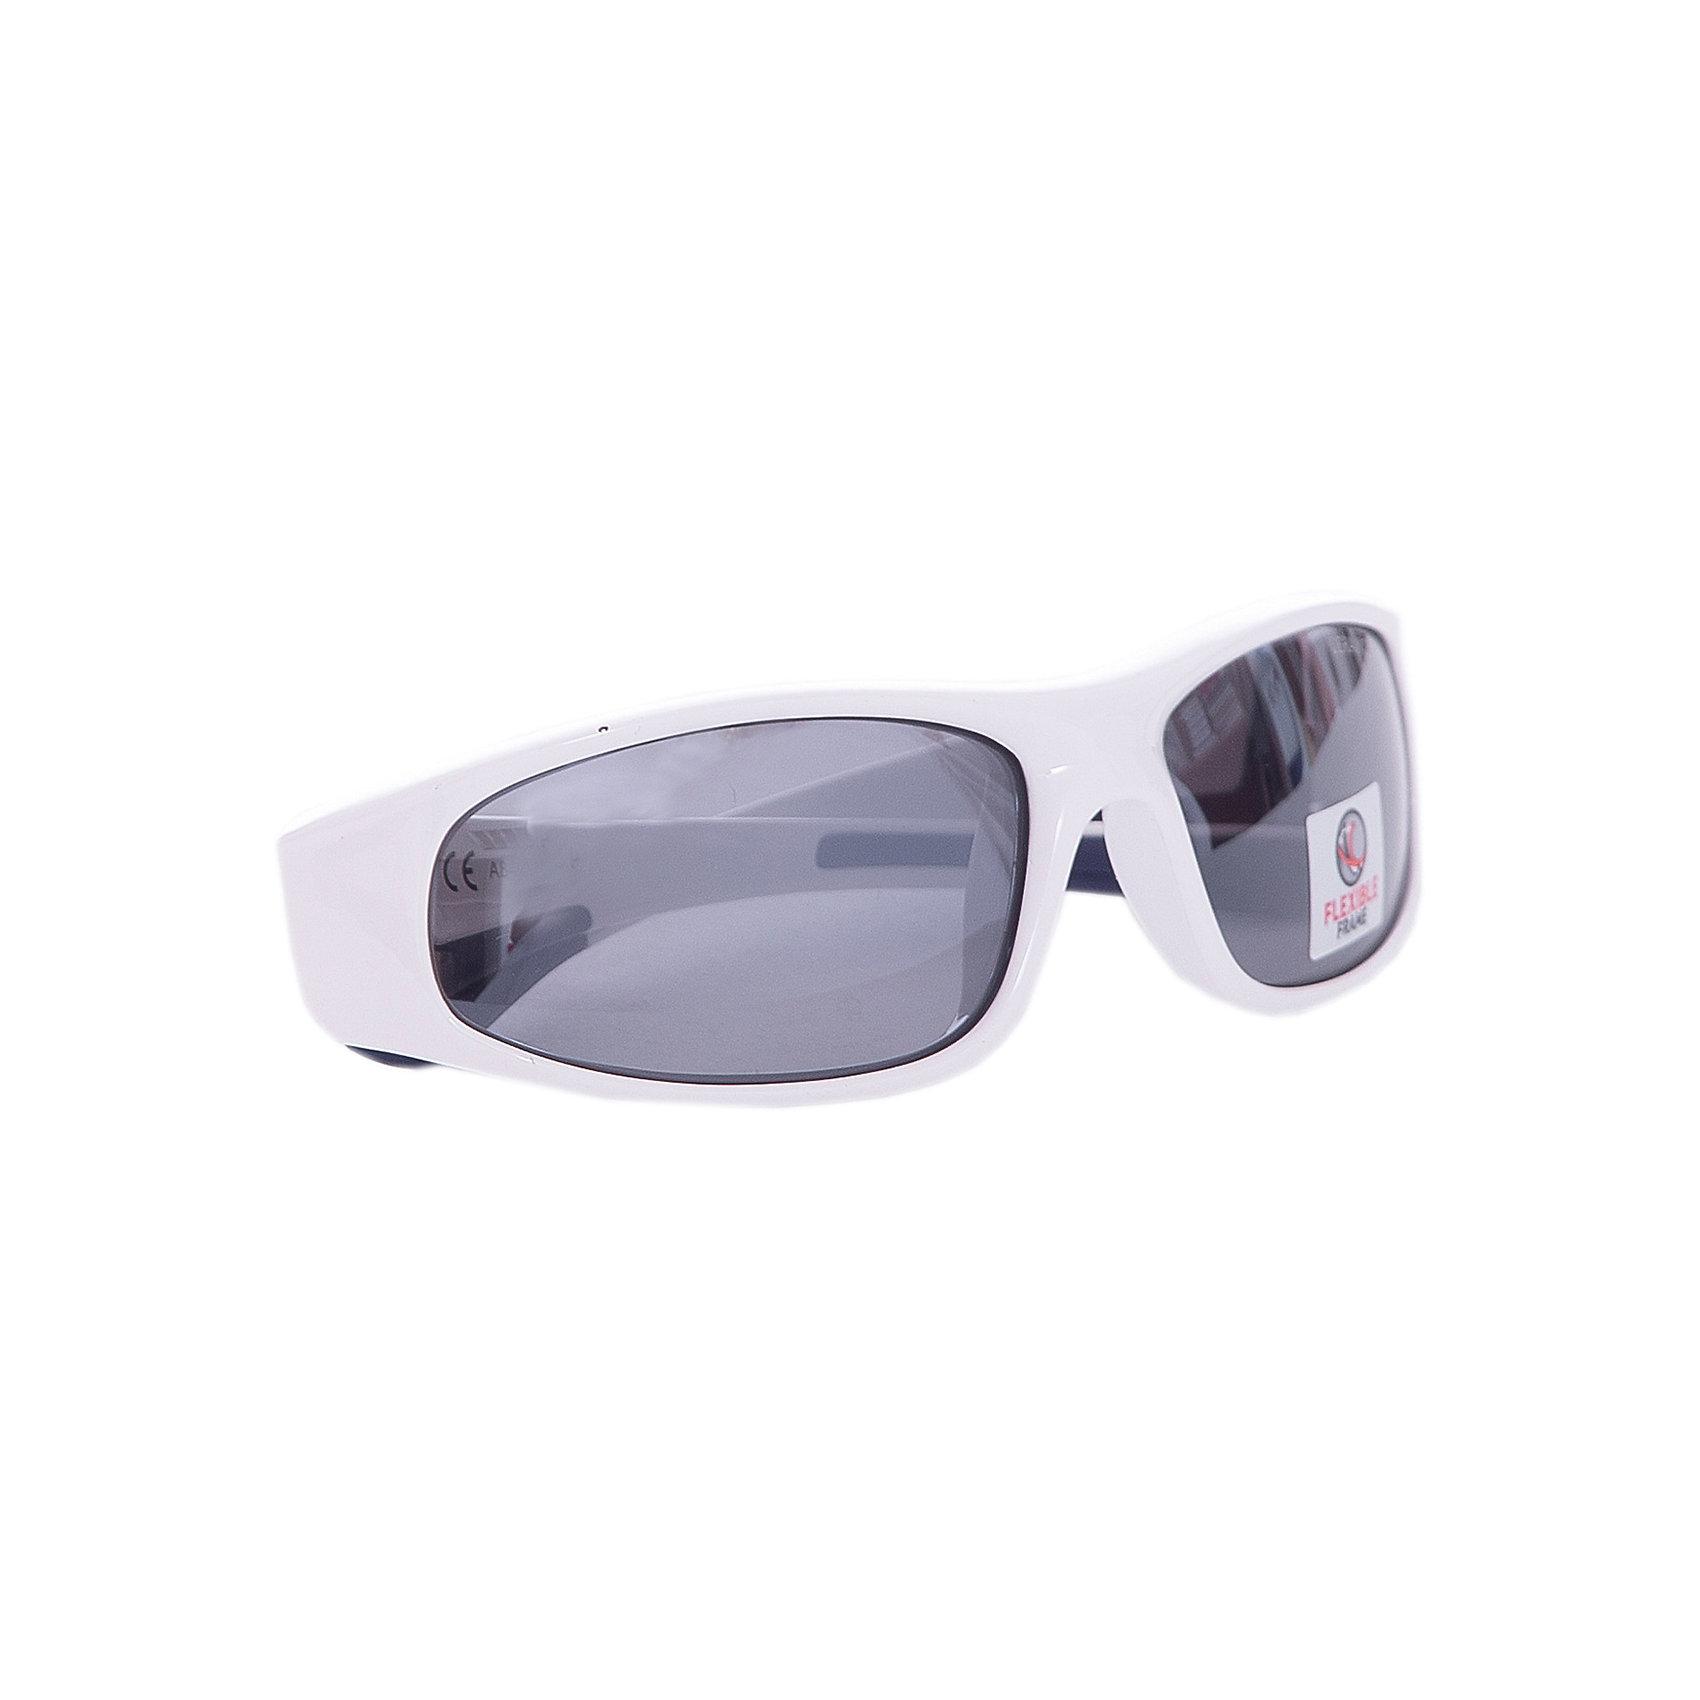 Очки солнцезащитные FLEXXY JUNIOR, бело-голубые, ALPINAСолнцезащитные очки<br>Характеристики:<br><br>• возраст: от 5 лет;<br>• материал: пластик;<br>• размер упаковки: 19х3х3 см;<br>• вес упаковки: 200 гр.;<br>• страна производитель: Китай.<br><br>Очки солнцезащитные Alpina Flexxy Junior бело-голубые защищают глаза от попадания солнечных лучей во время прогулки, отдыха на природе, катания на велосипеде, занятий спортом. Линзы выполнены из прочного материала, устойчивого к разбиванию. Они защищают глаза от всех типов УФ-лучей и не запотевают.<br><br>Очки солнцезащитные Alpina Flexxy Junior бело-голубые можно приобрести в нашем интернет-магазине.<br><br>Ширина мм: 136<br>Глубина мм: 81<br>Высота мм: 40<br>Вес г: 38<br>Цвет: синий/белый<br>Возраст от месяцев: 60<br>Возраст до месяцев: 144<br>Пол: Унисекс<br>Возраст: Детский<br>SKU: 2568554